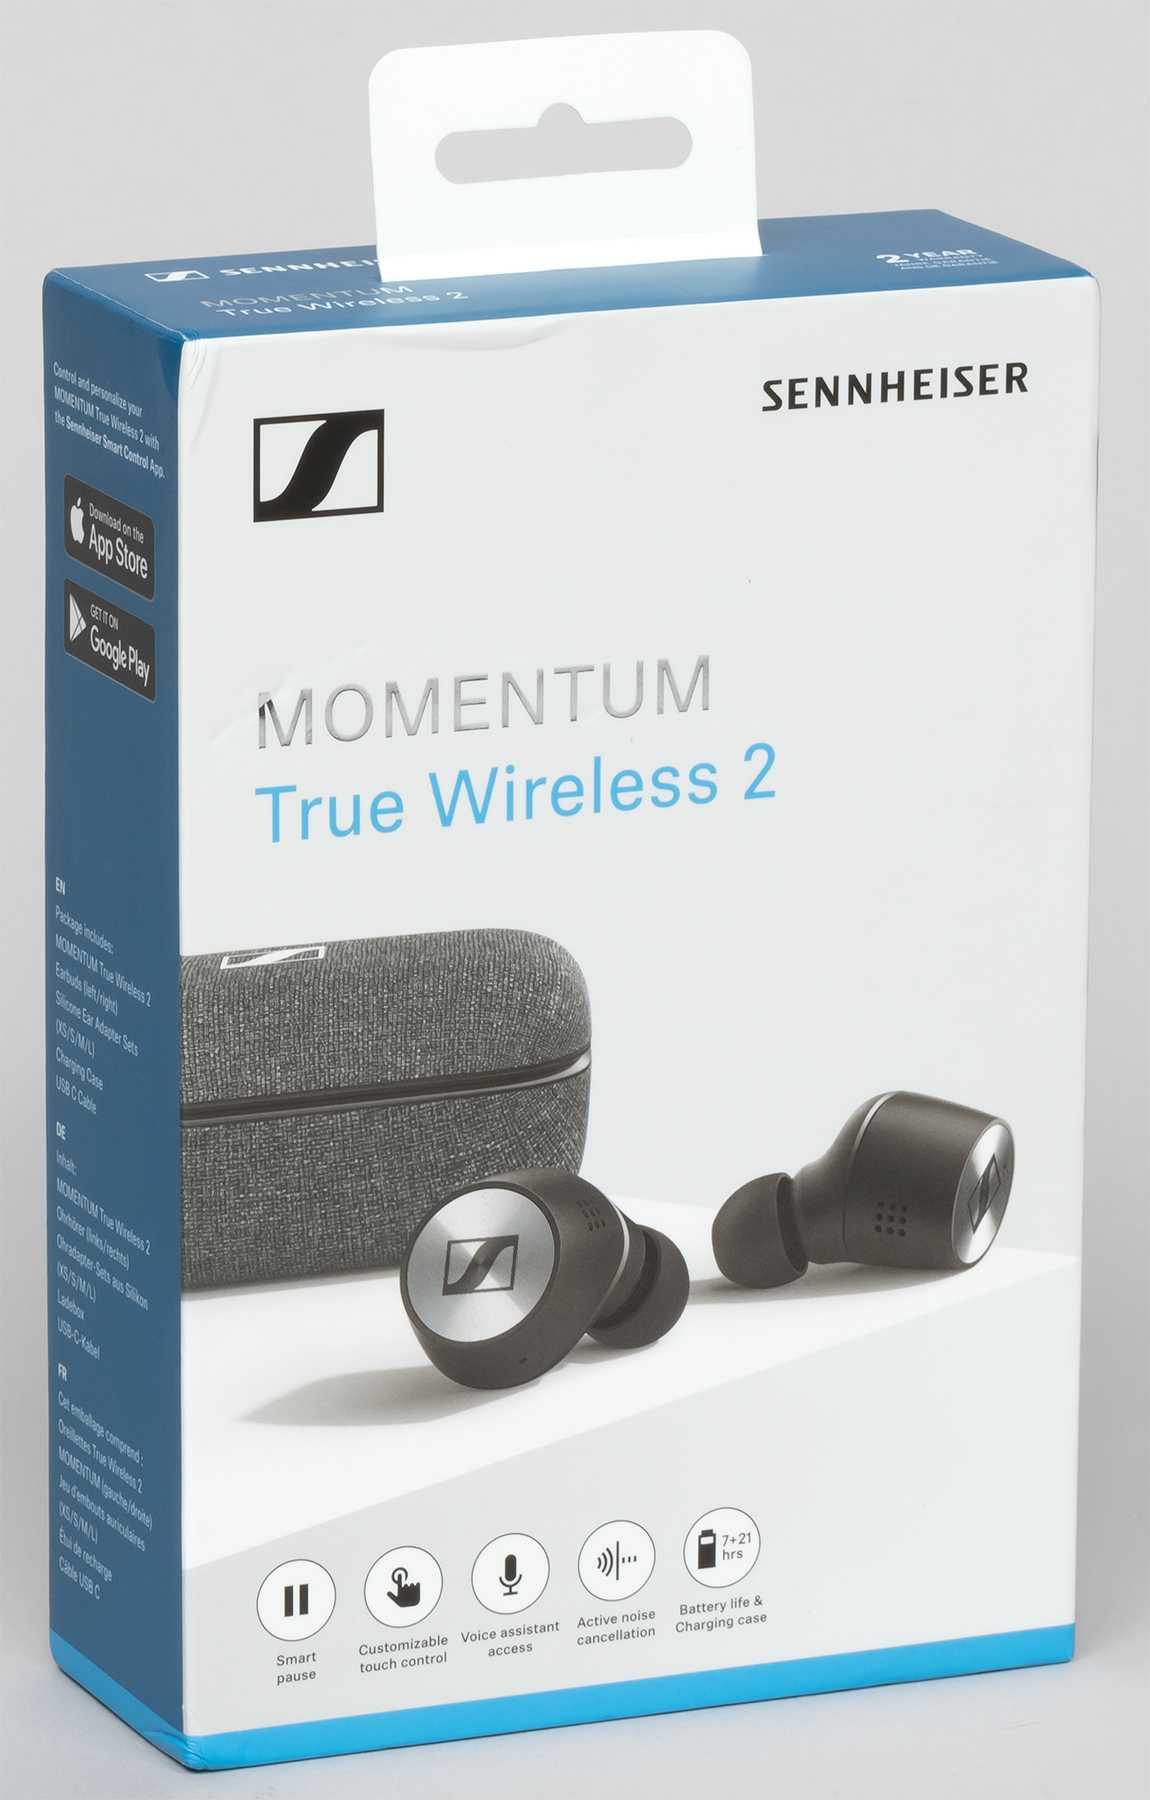 Послушал второе поколение беспроводных sennheiser momentum true wireless: пока, эйрподсы